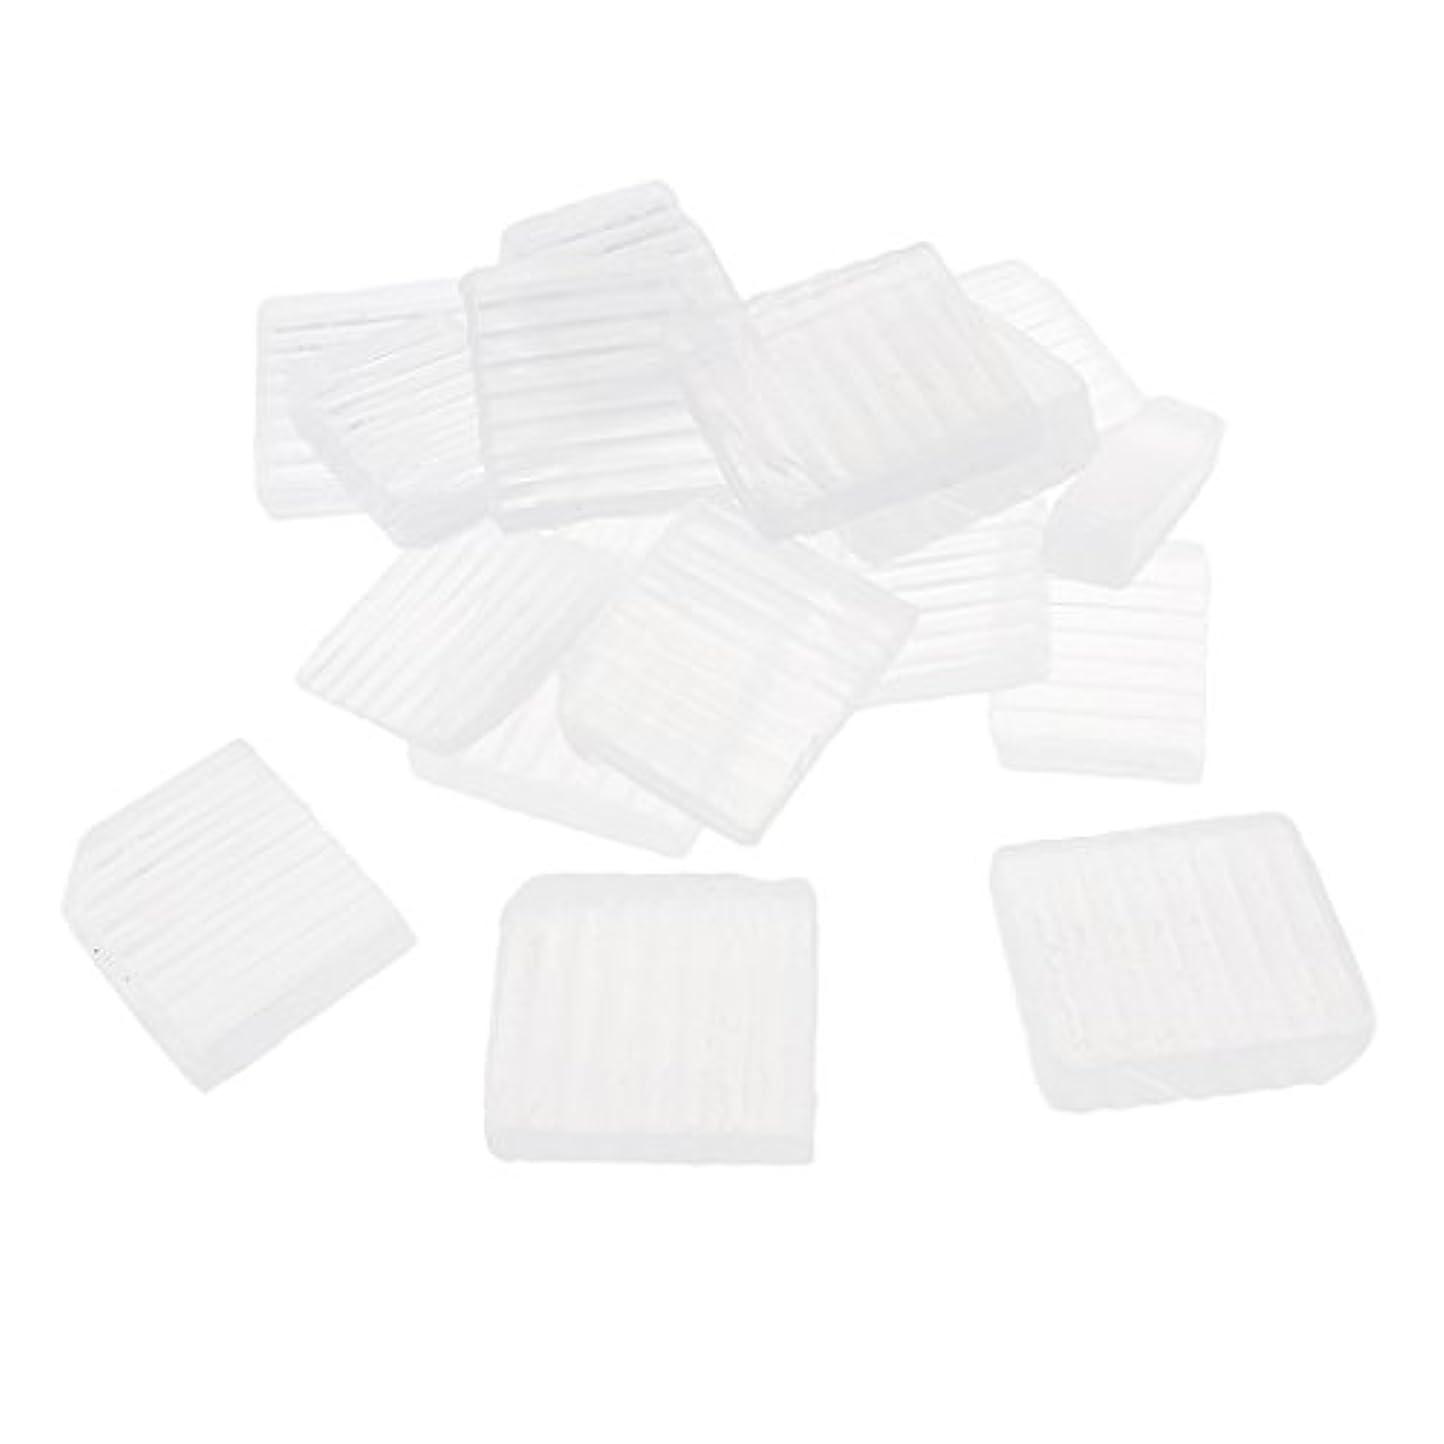 シンボルメーター豆腐Hellery 石鹸ベース DIY 石鹸作り プアソープベース 石鹸クラフト 手作り 約1 KG